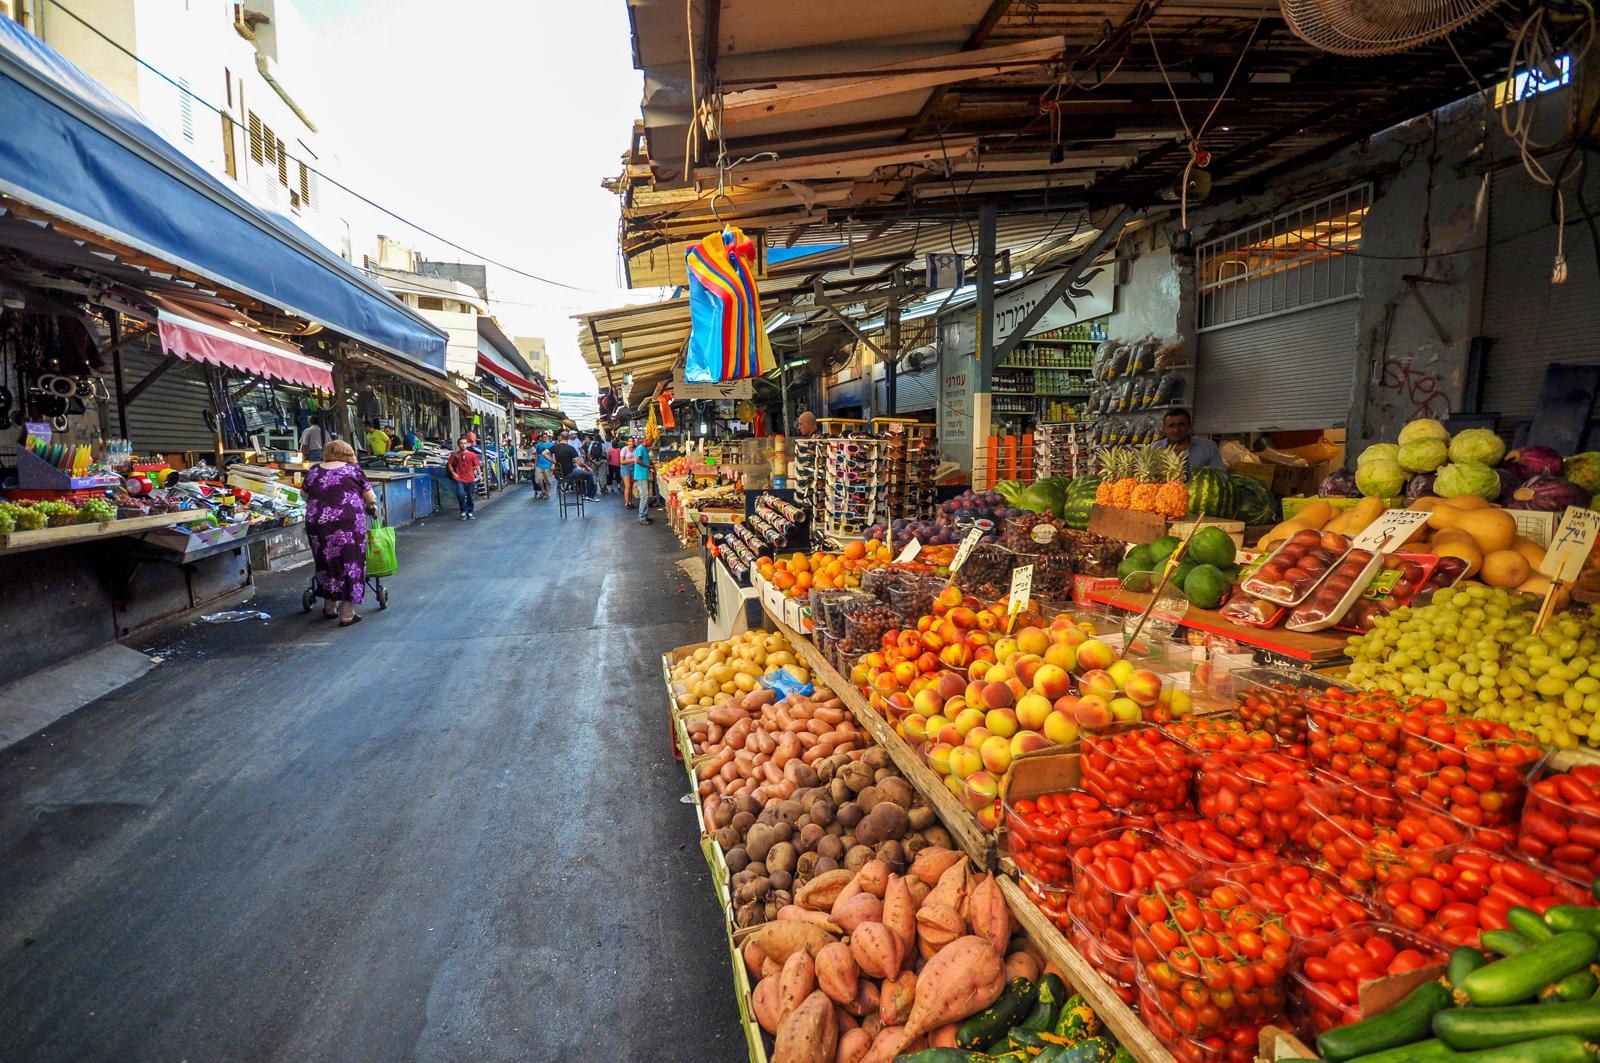 Покупка продуктов на рынке Тель-авива